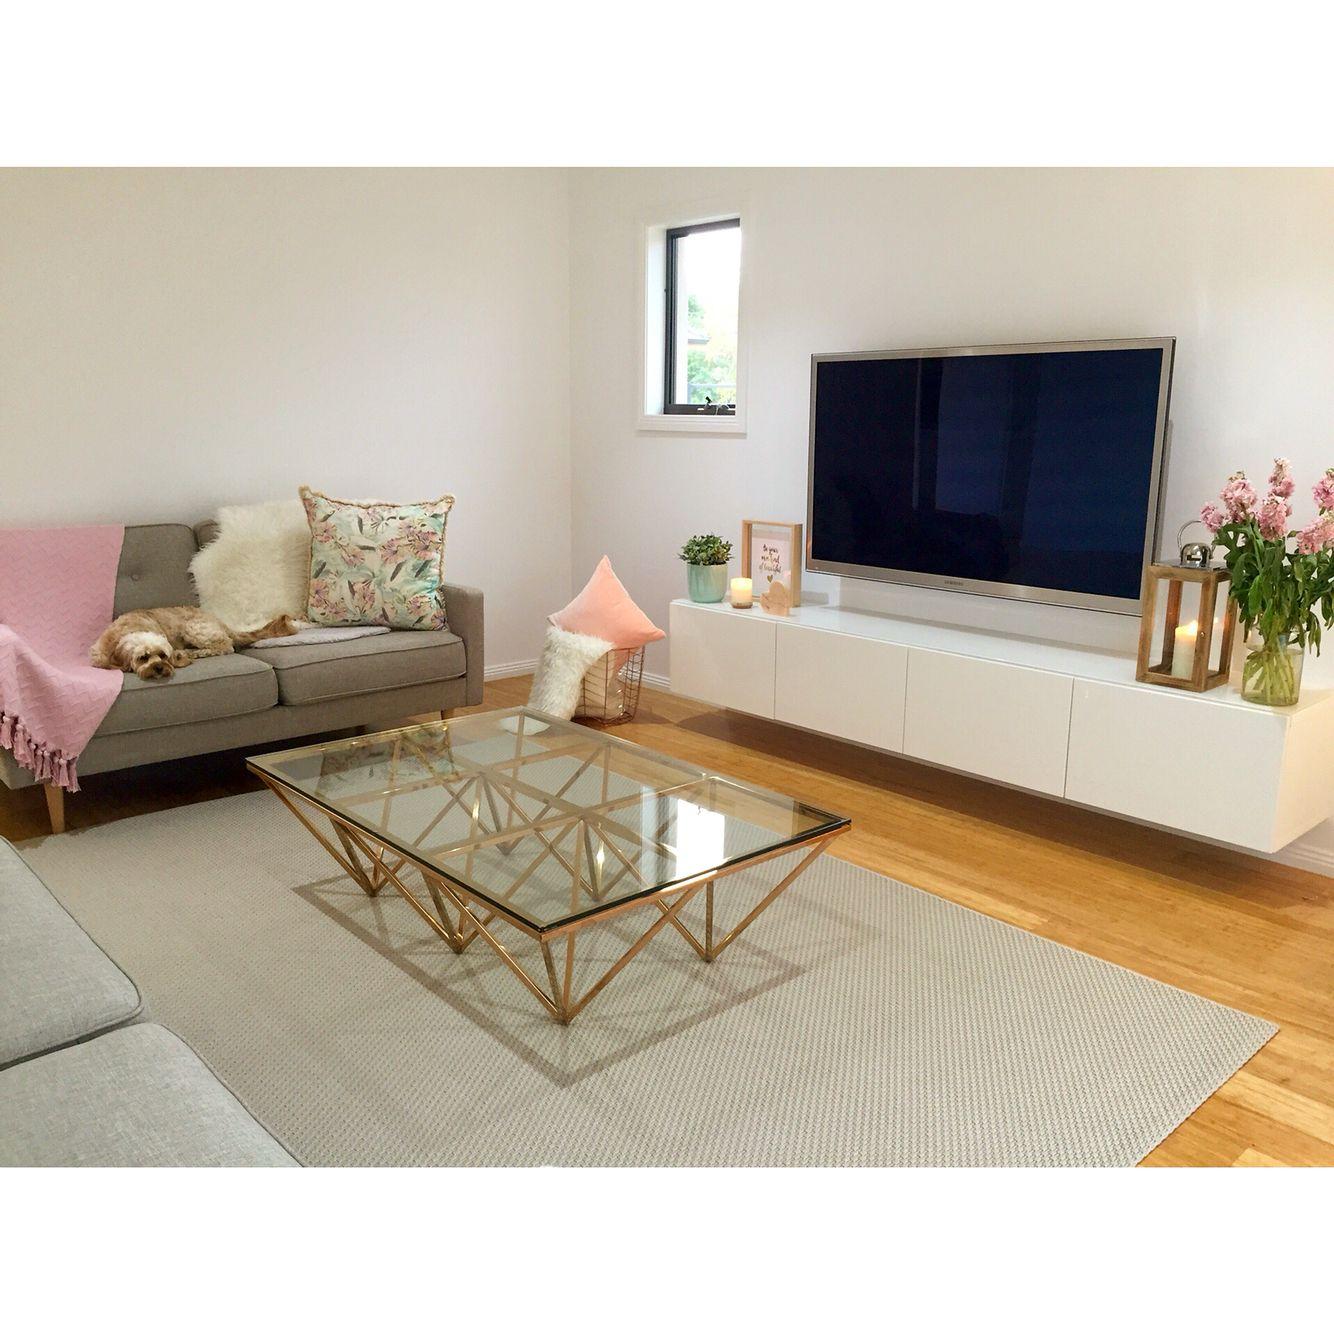 Contemporary Scandinavian decor, copper coffee table